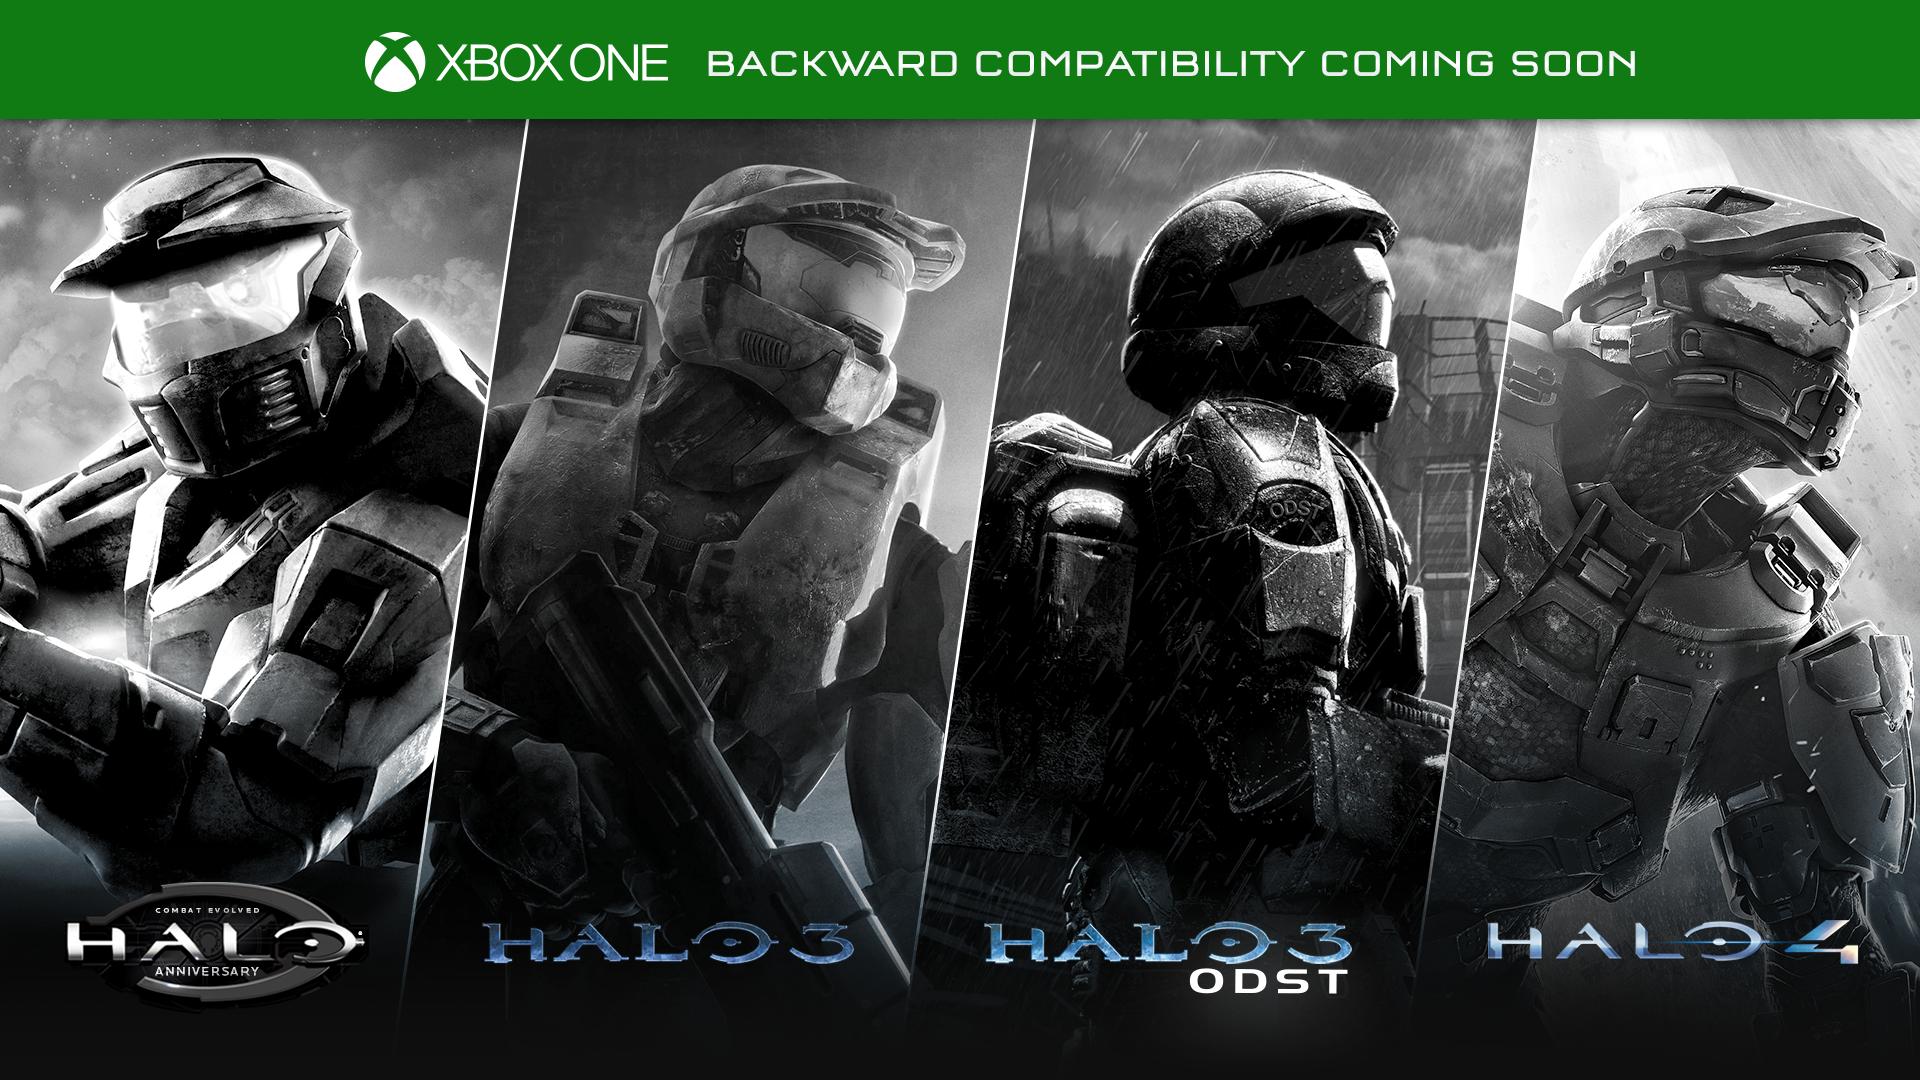 Halo Backwards Compatibility